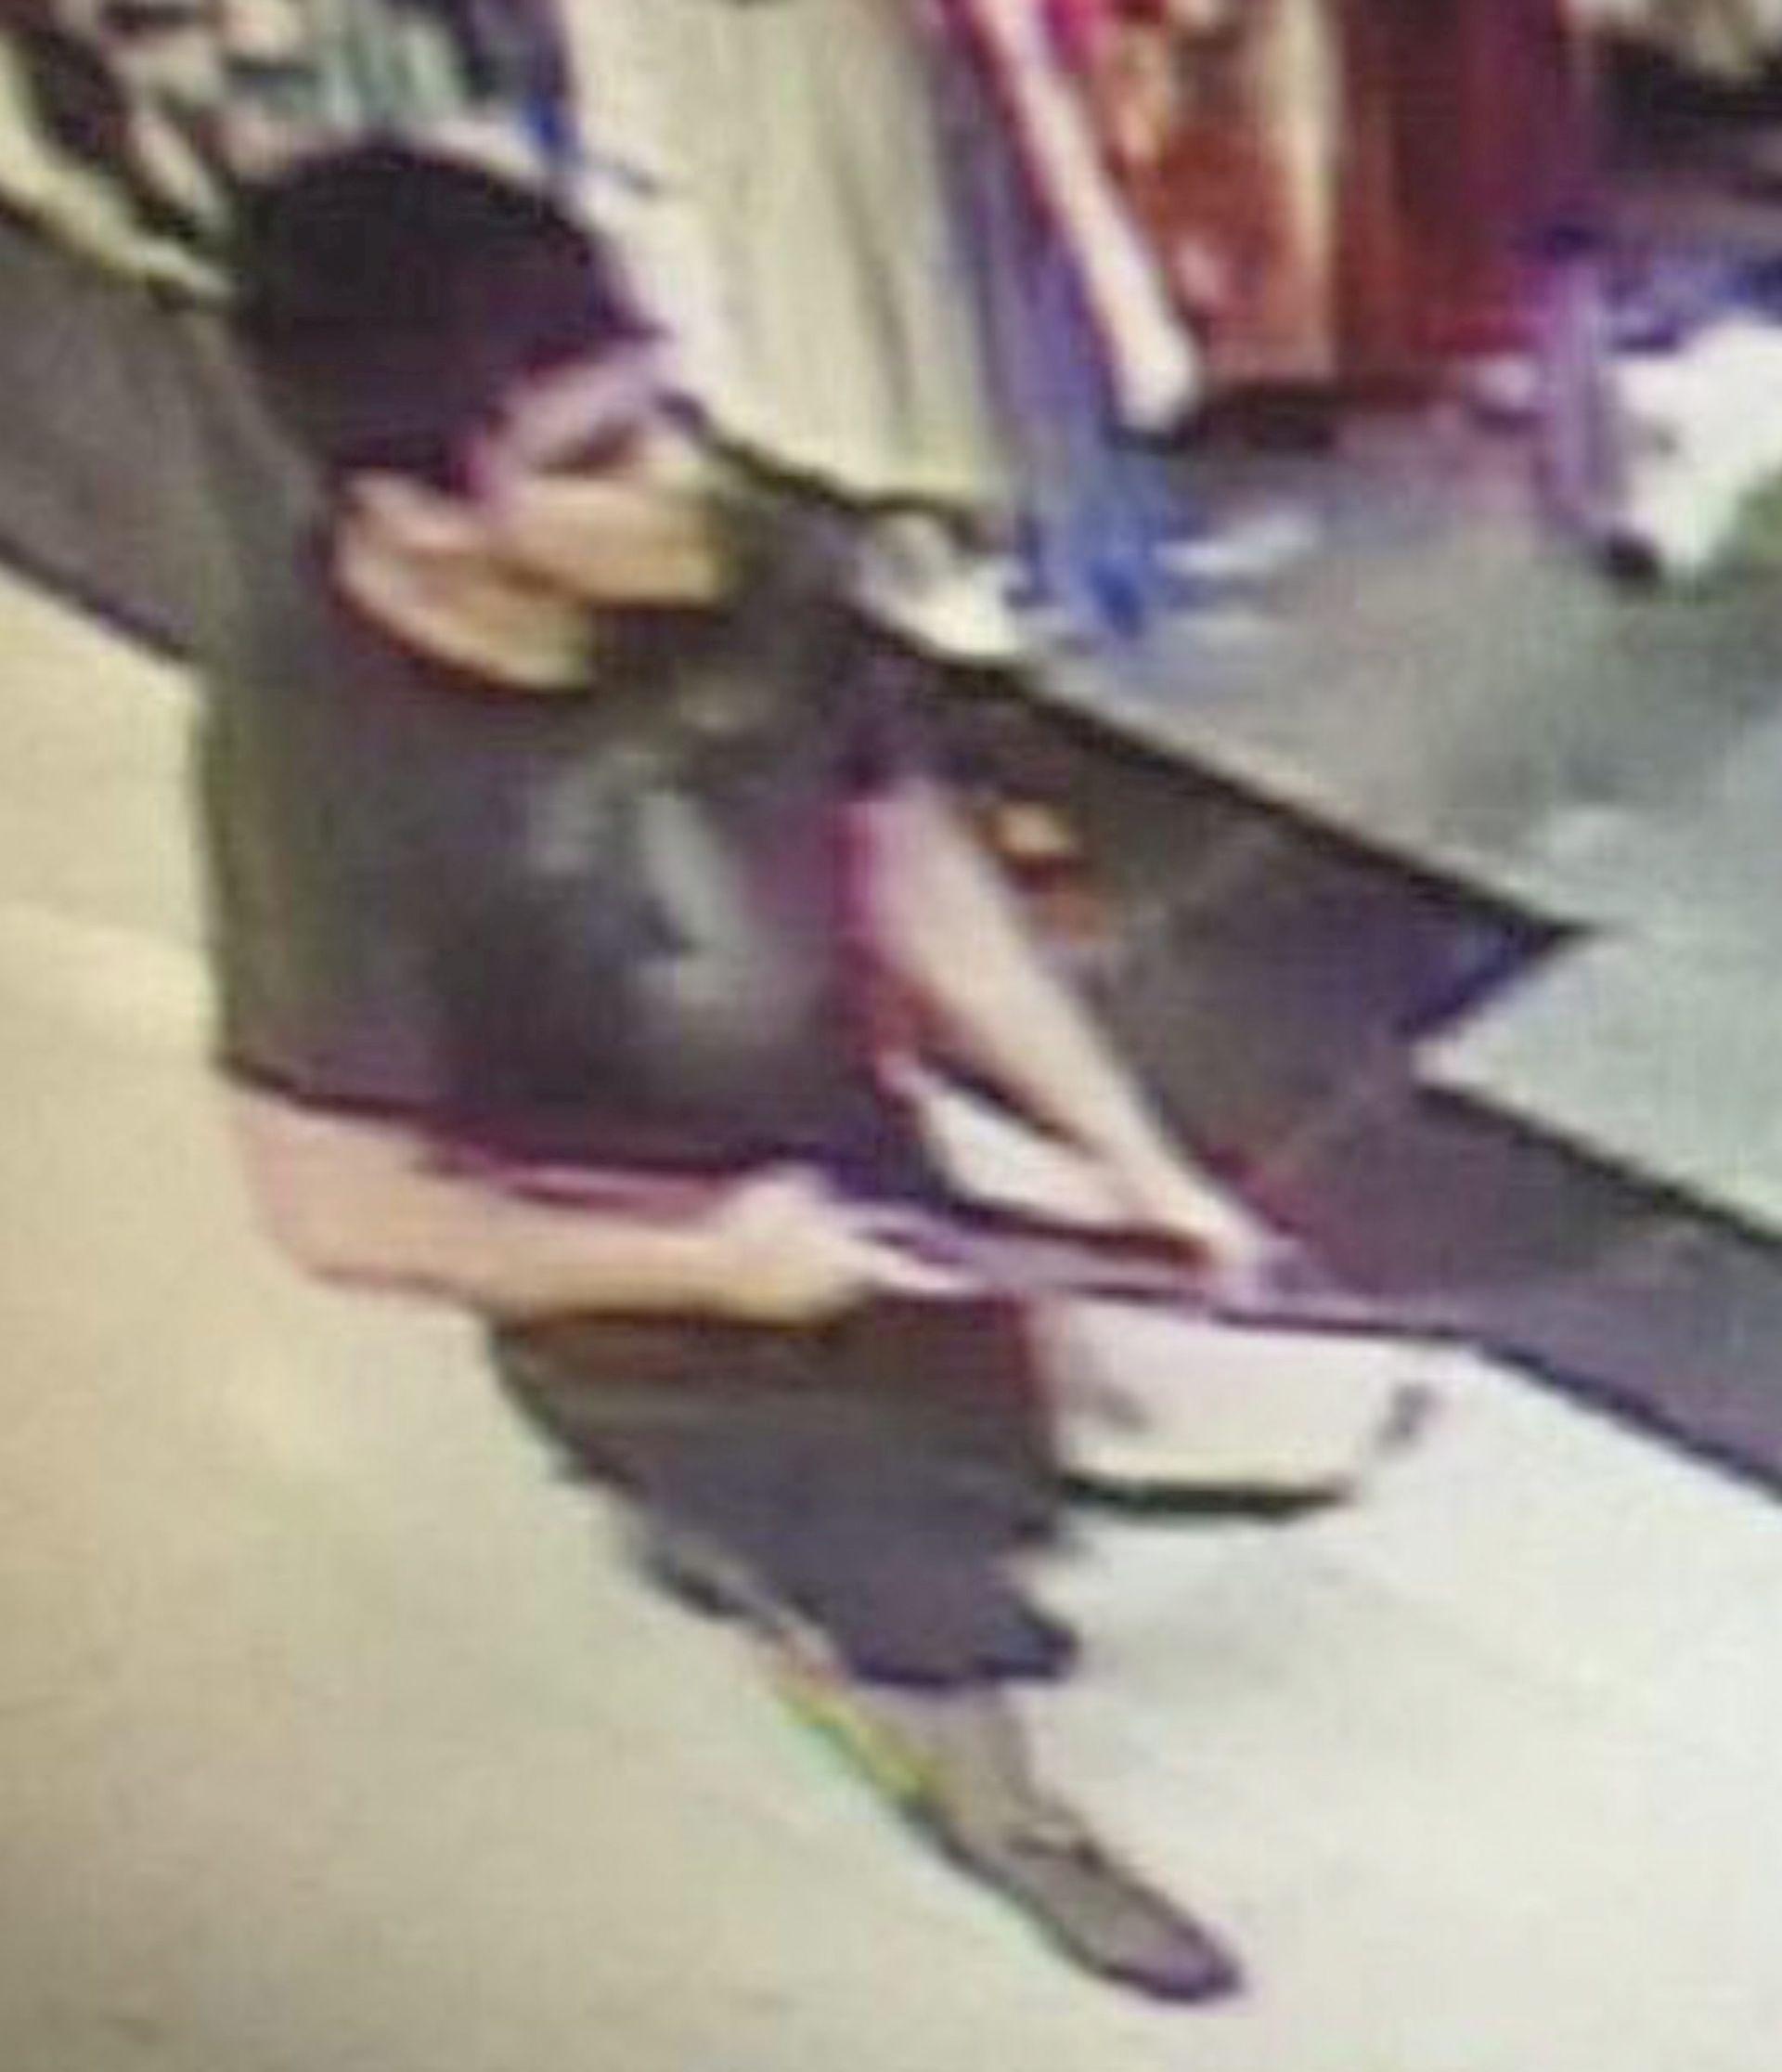 DAN NAKON NAPADA: Uhićen osumnjičenik za petero poginulih u trgovačkom centru